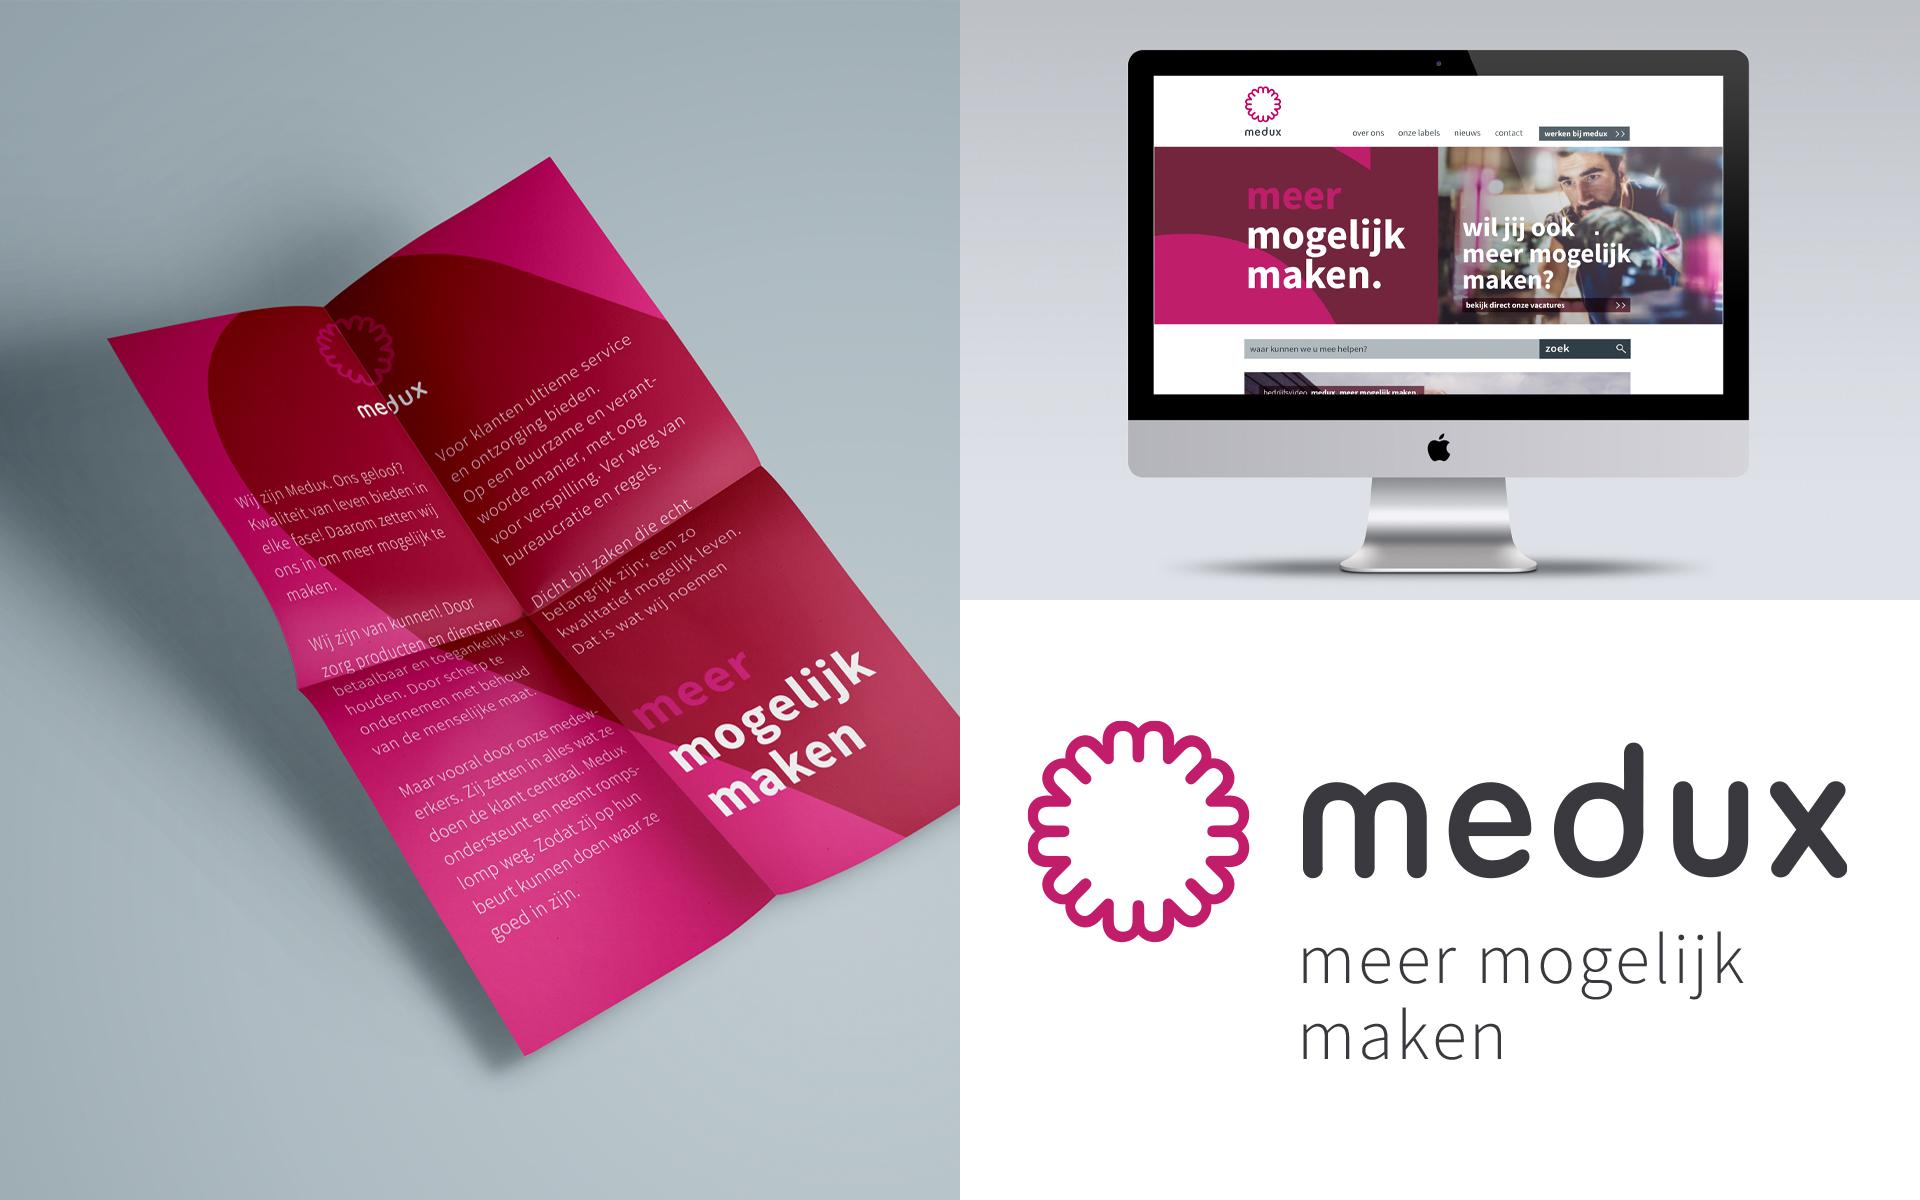 Medux merchandise DAY Creative Strategic Consultancy / Brand Design